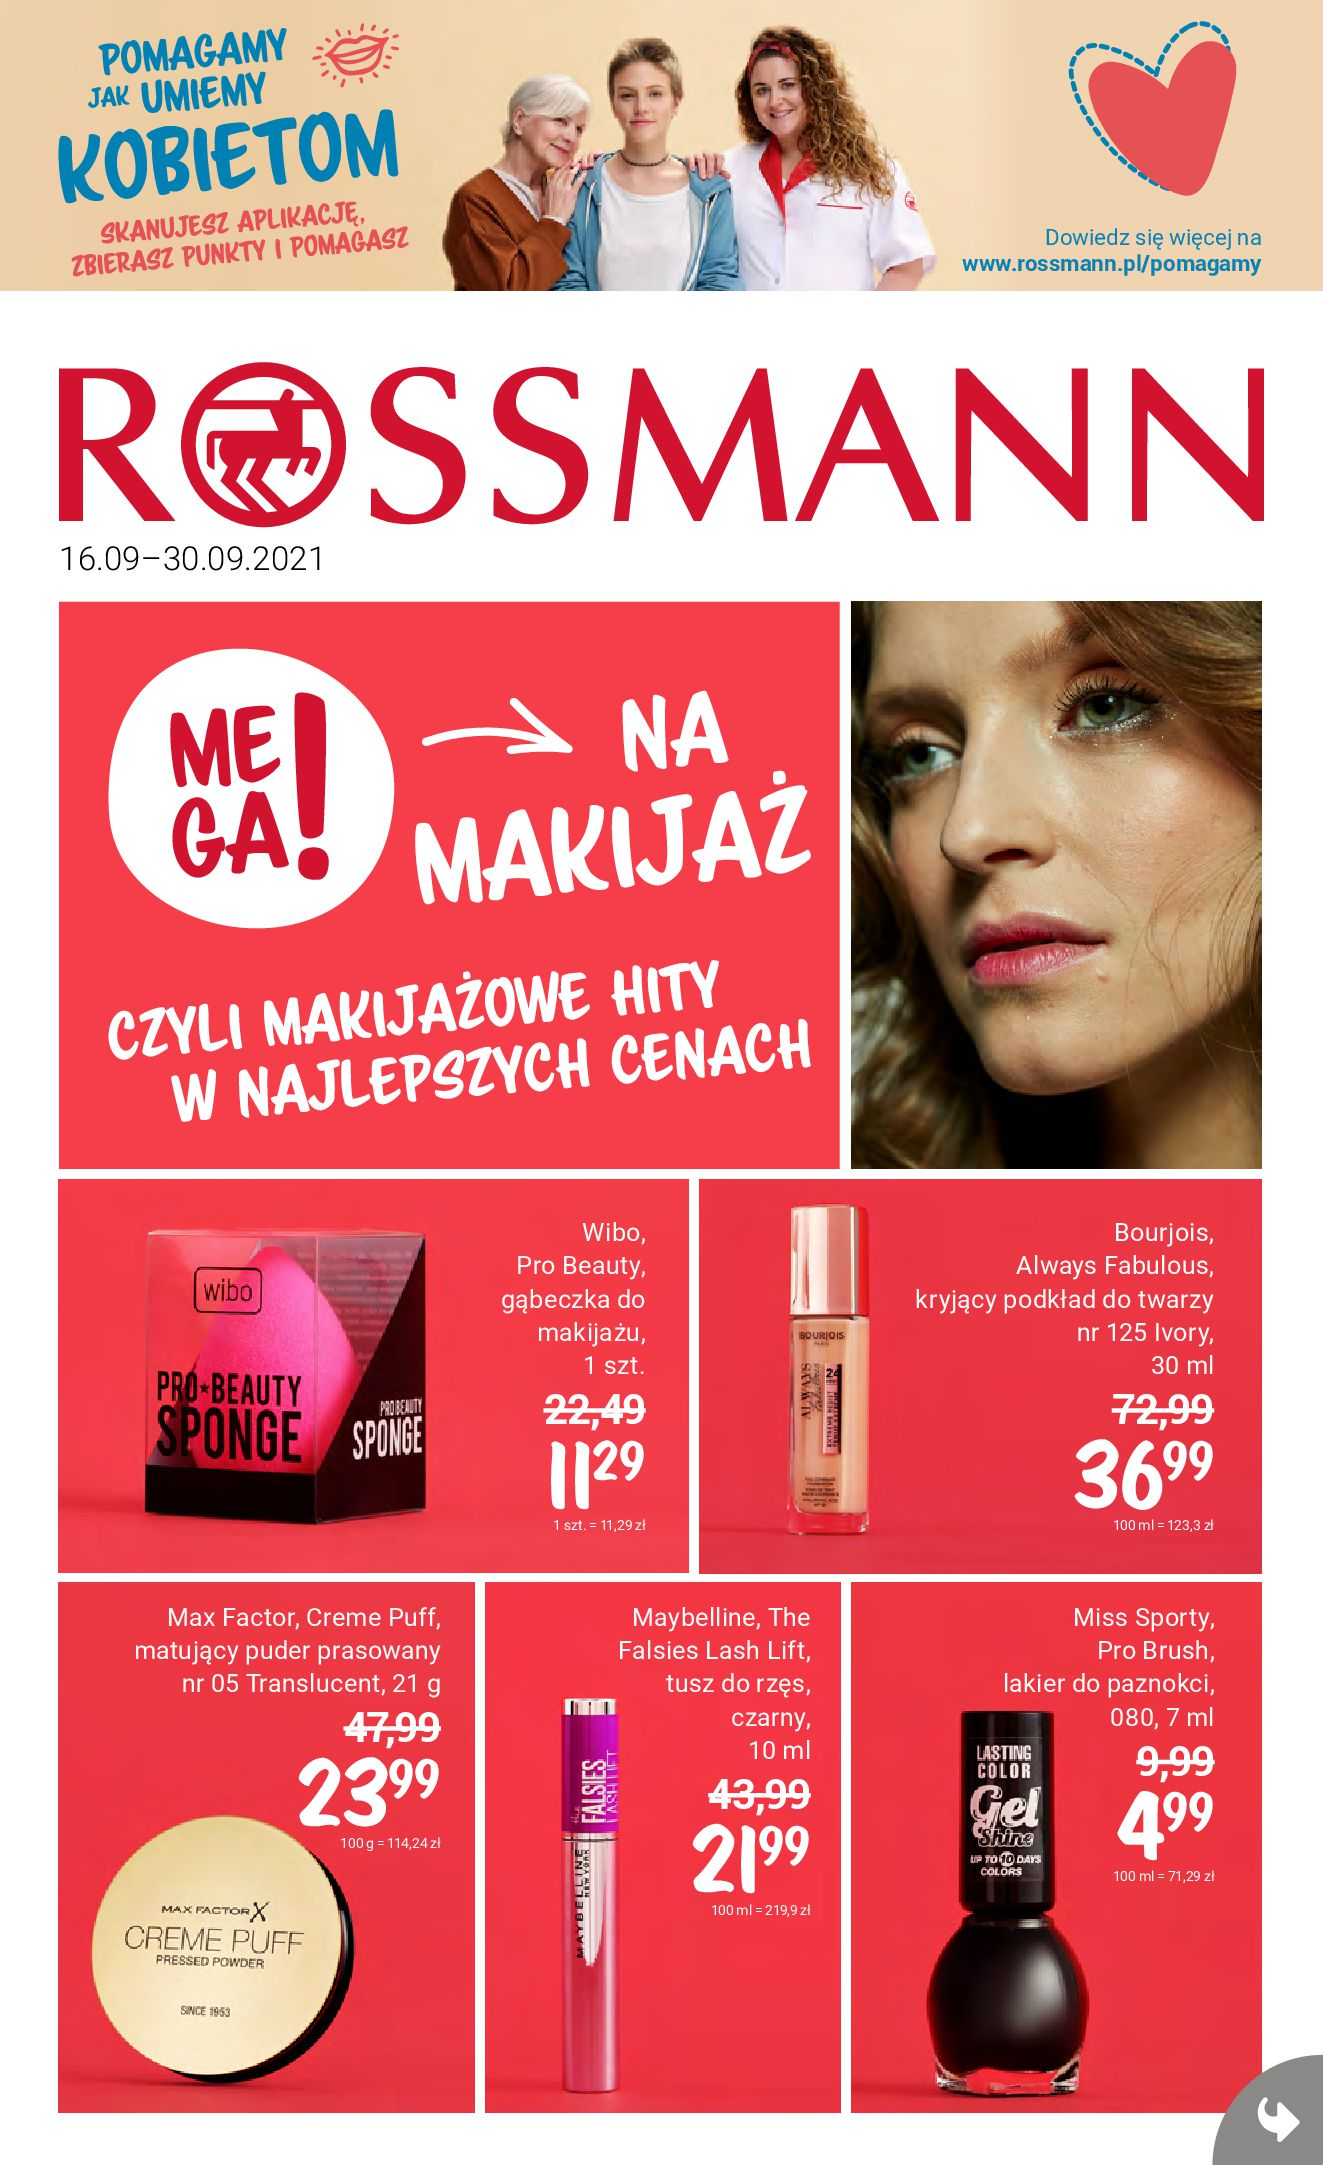 Rossmann:  Gazetka Rossmann 15.09.2021